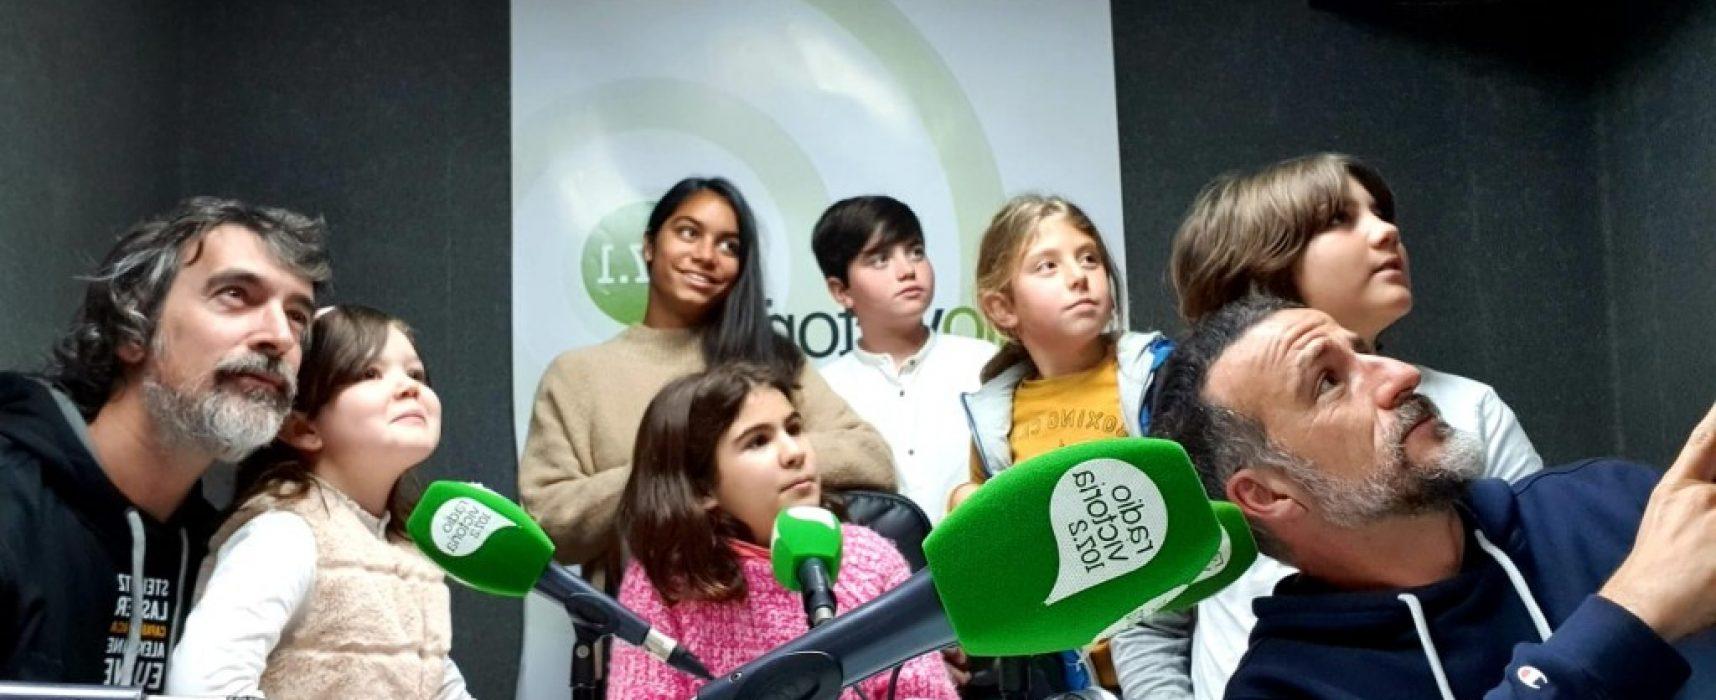 Grandes maestros/as del tablero en el colegio Platero Green School (Málaga)